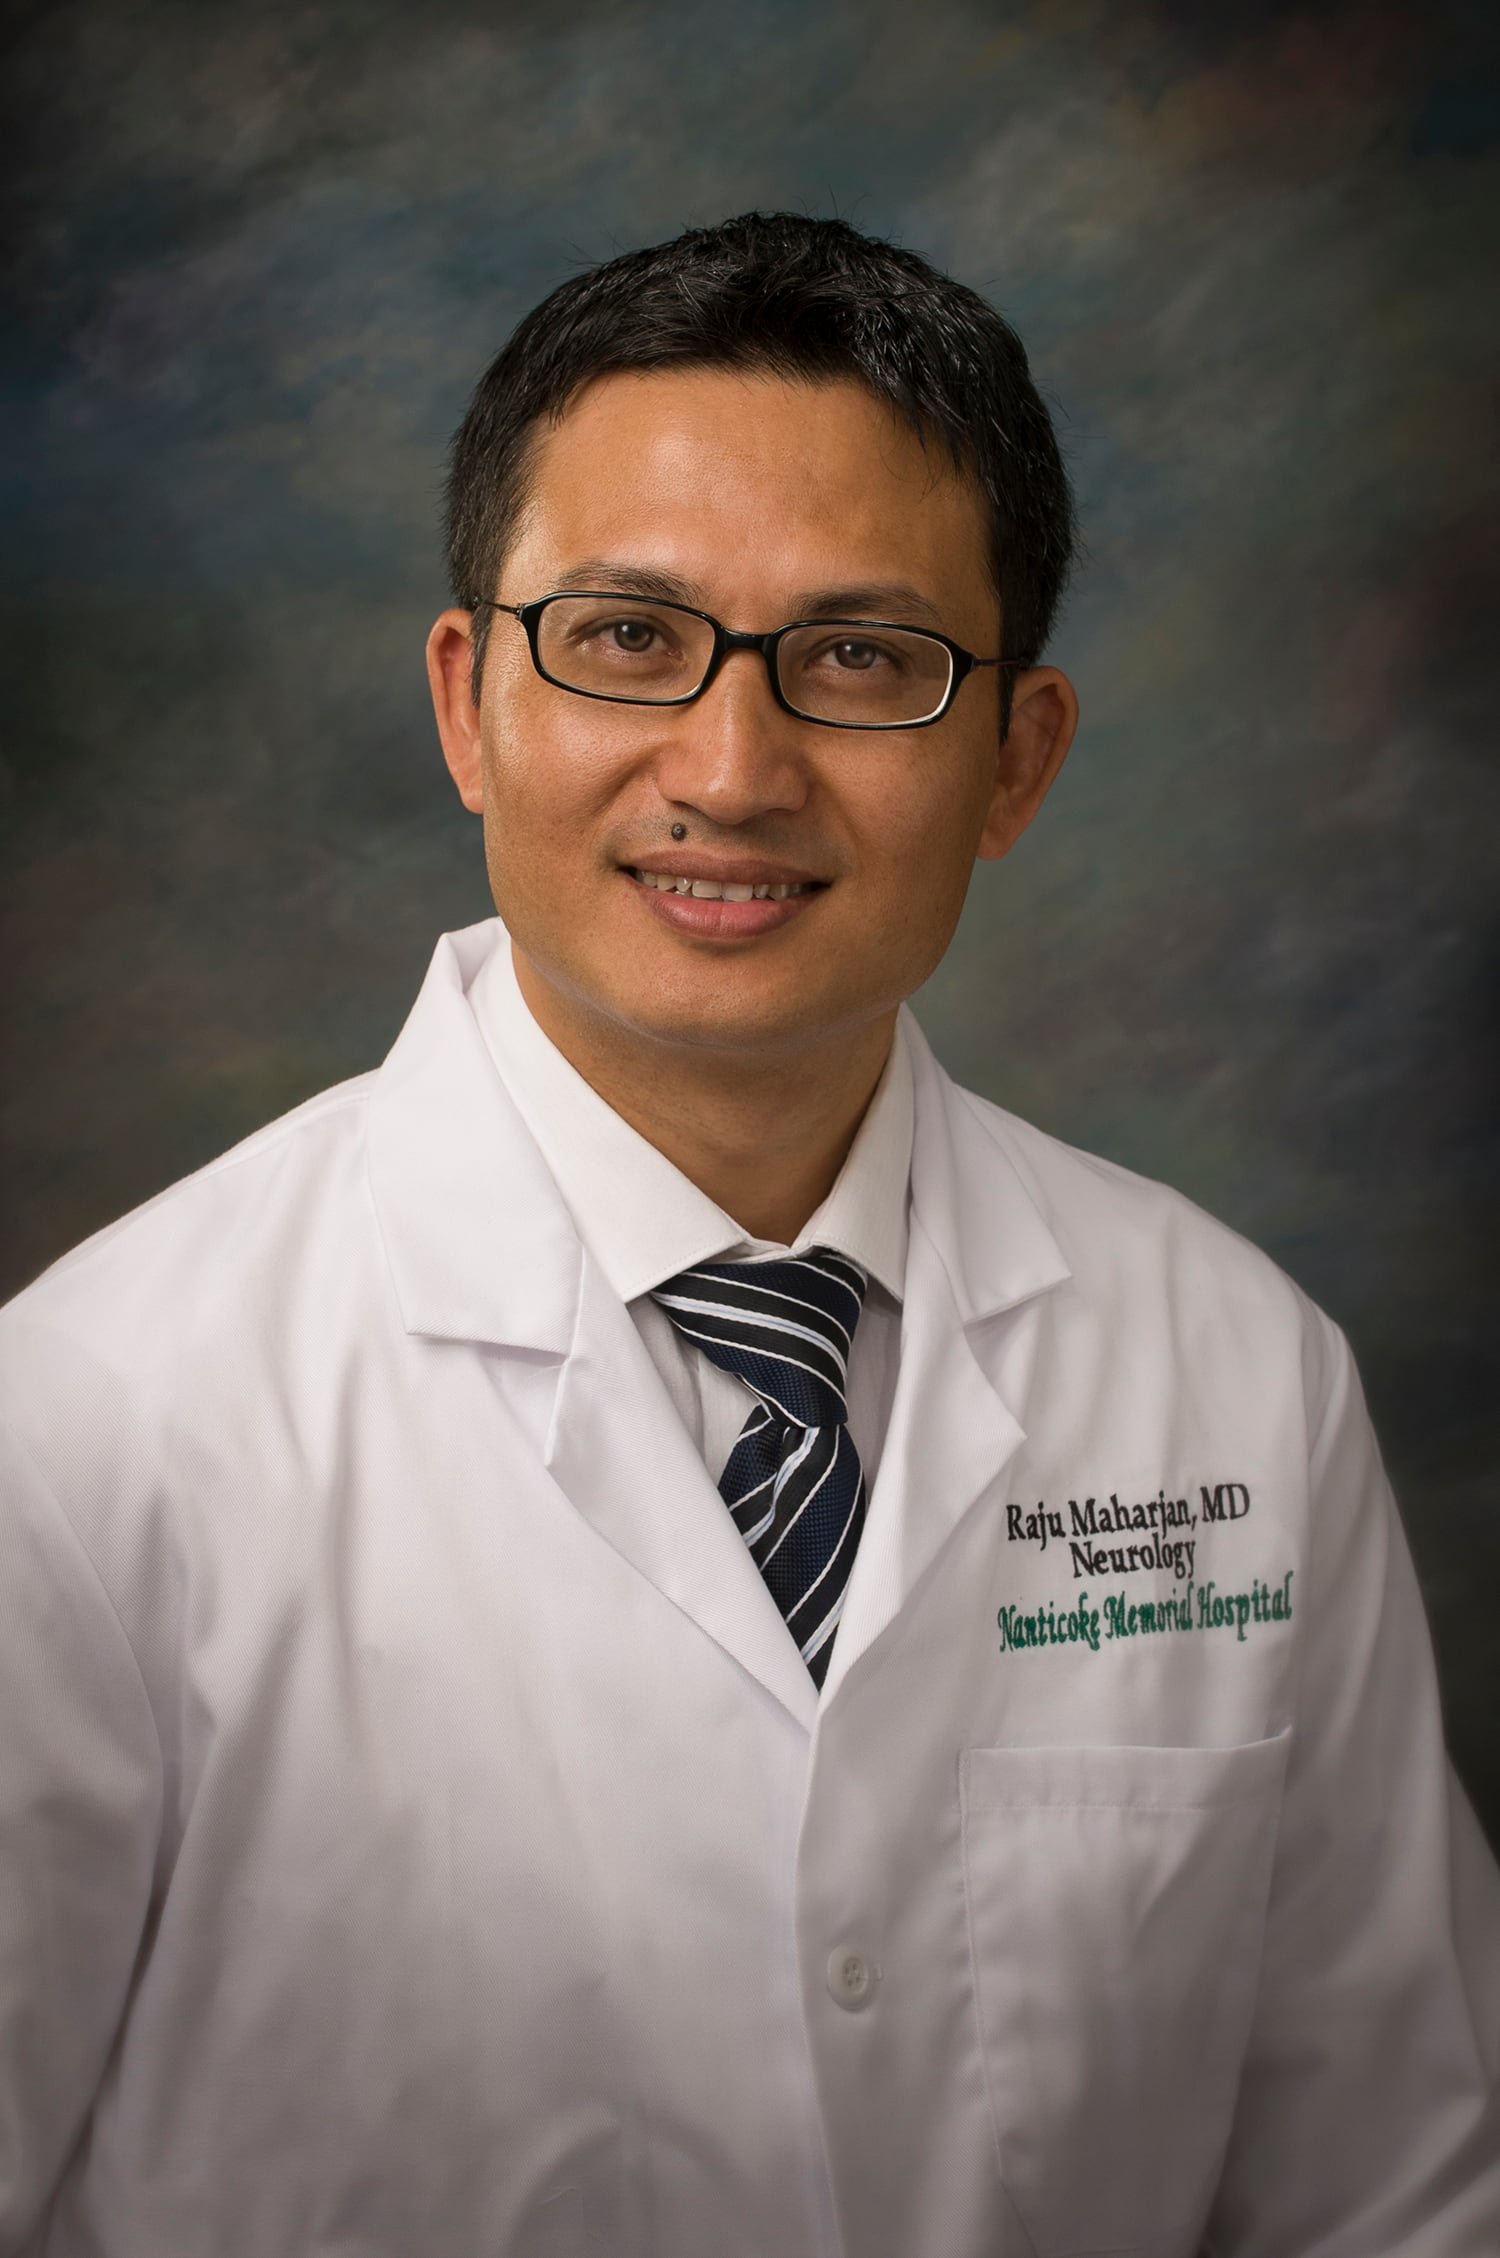 Dr. Raju Maharjan MD